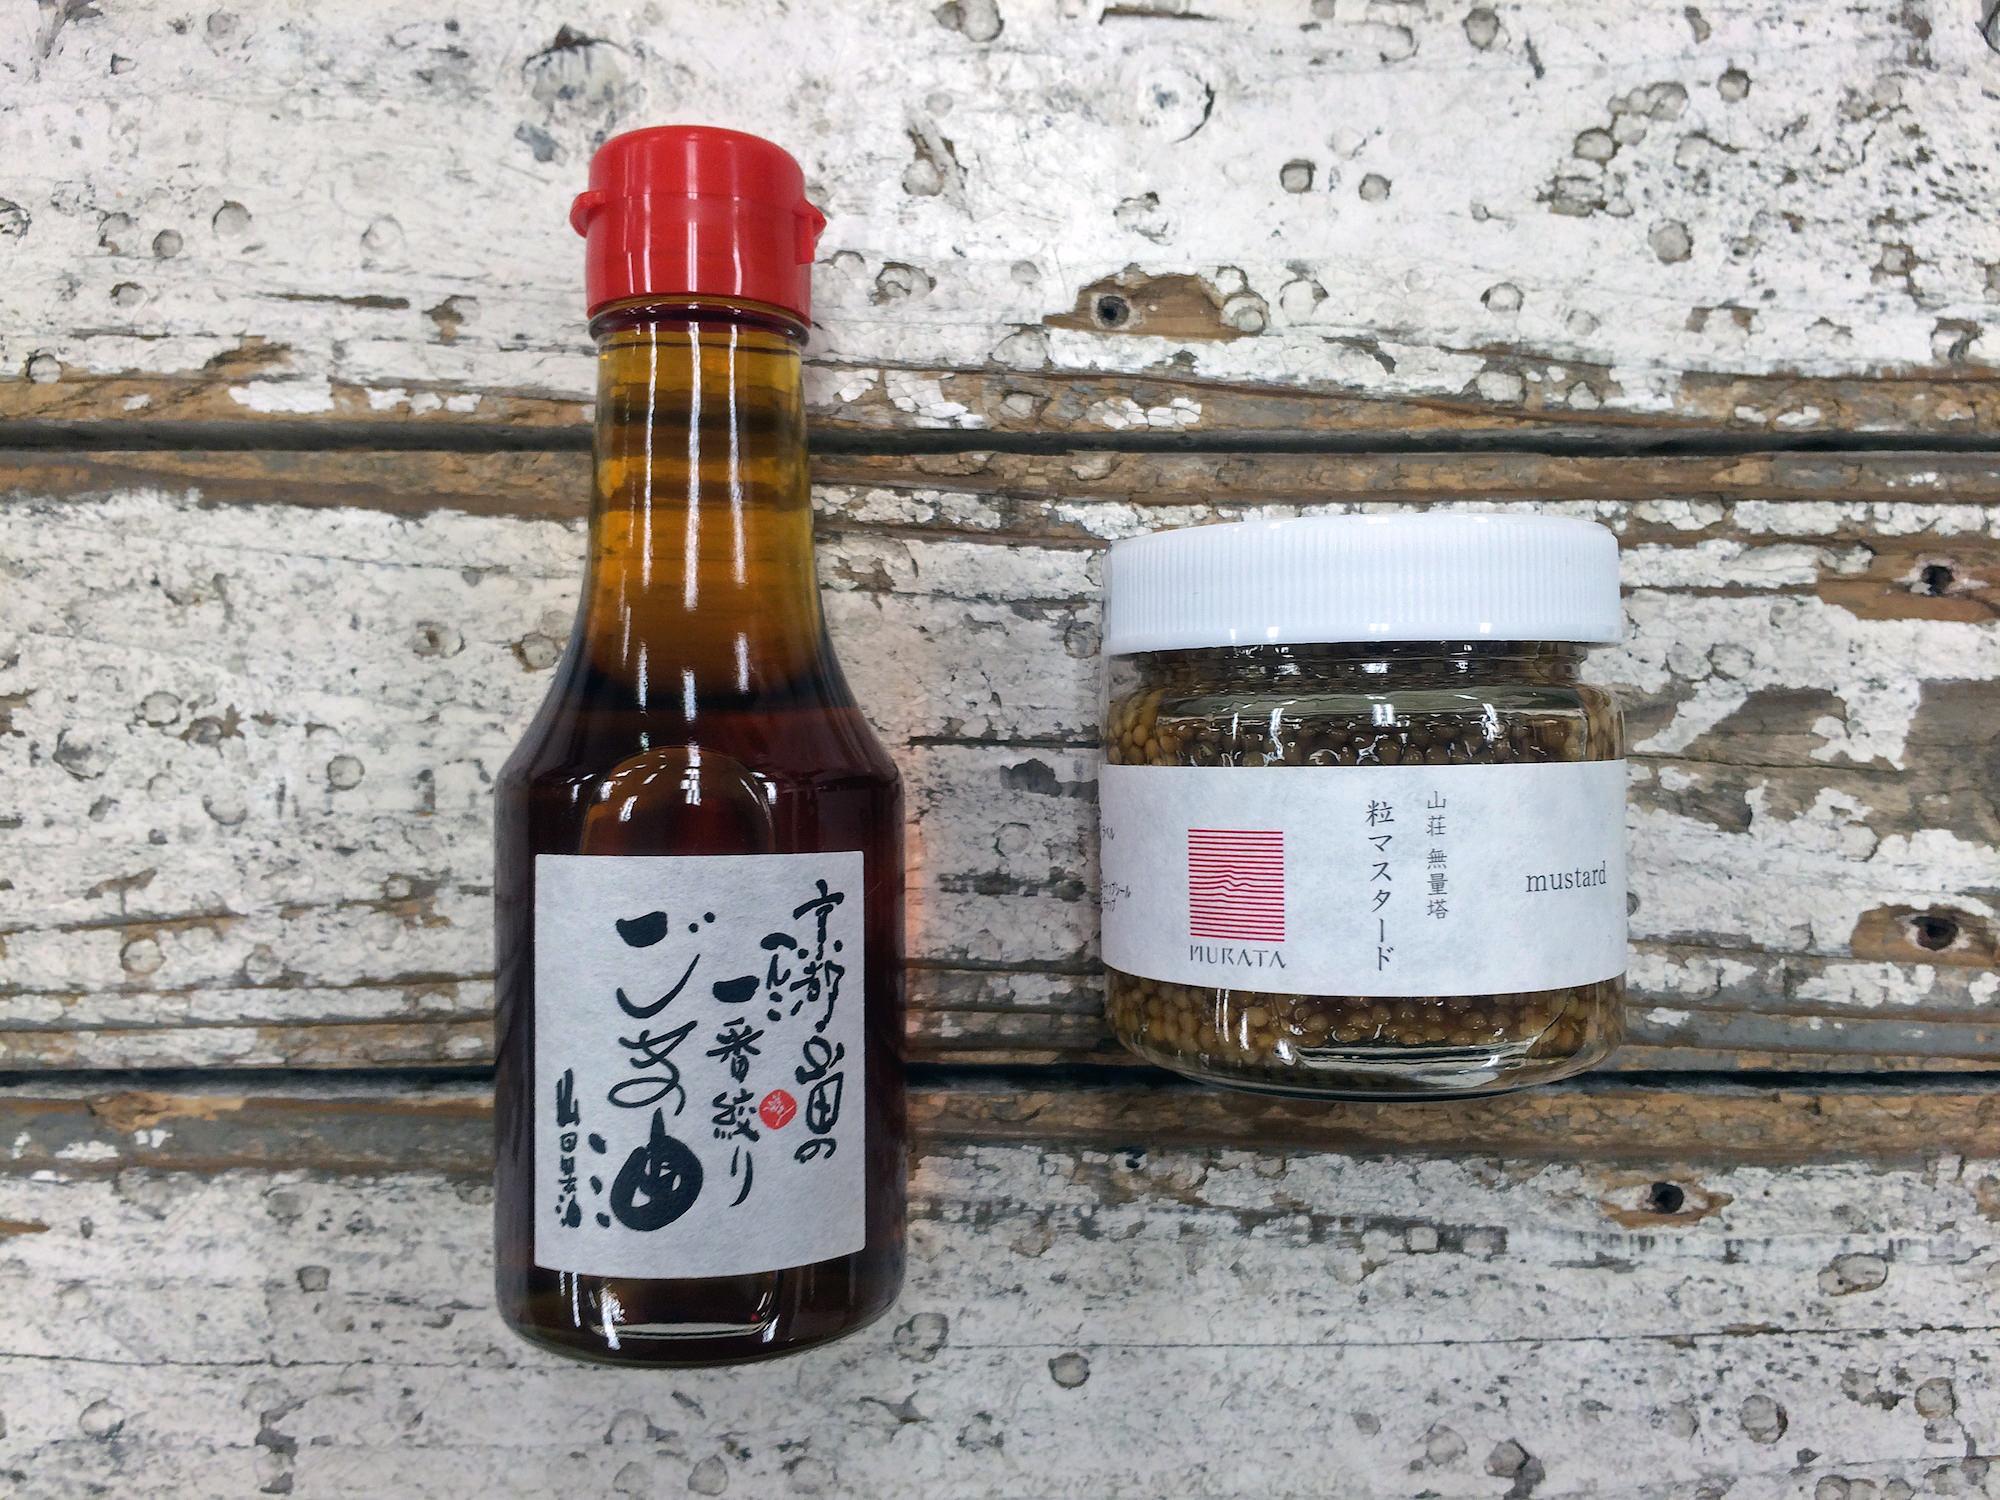 『山田製油 国産ごま油』と旅館、山荘 無量塔の人気商品『無量塔 粒マスタード』